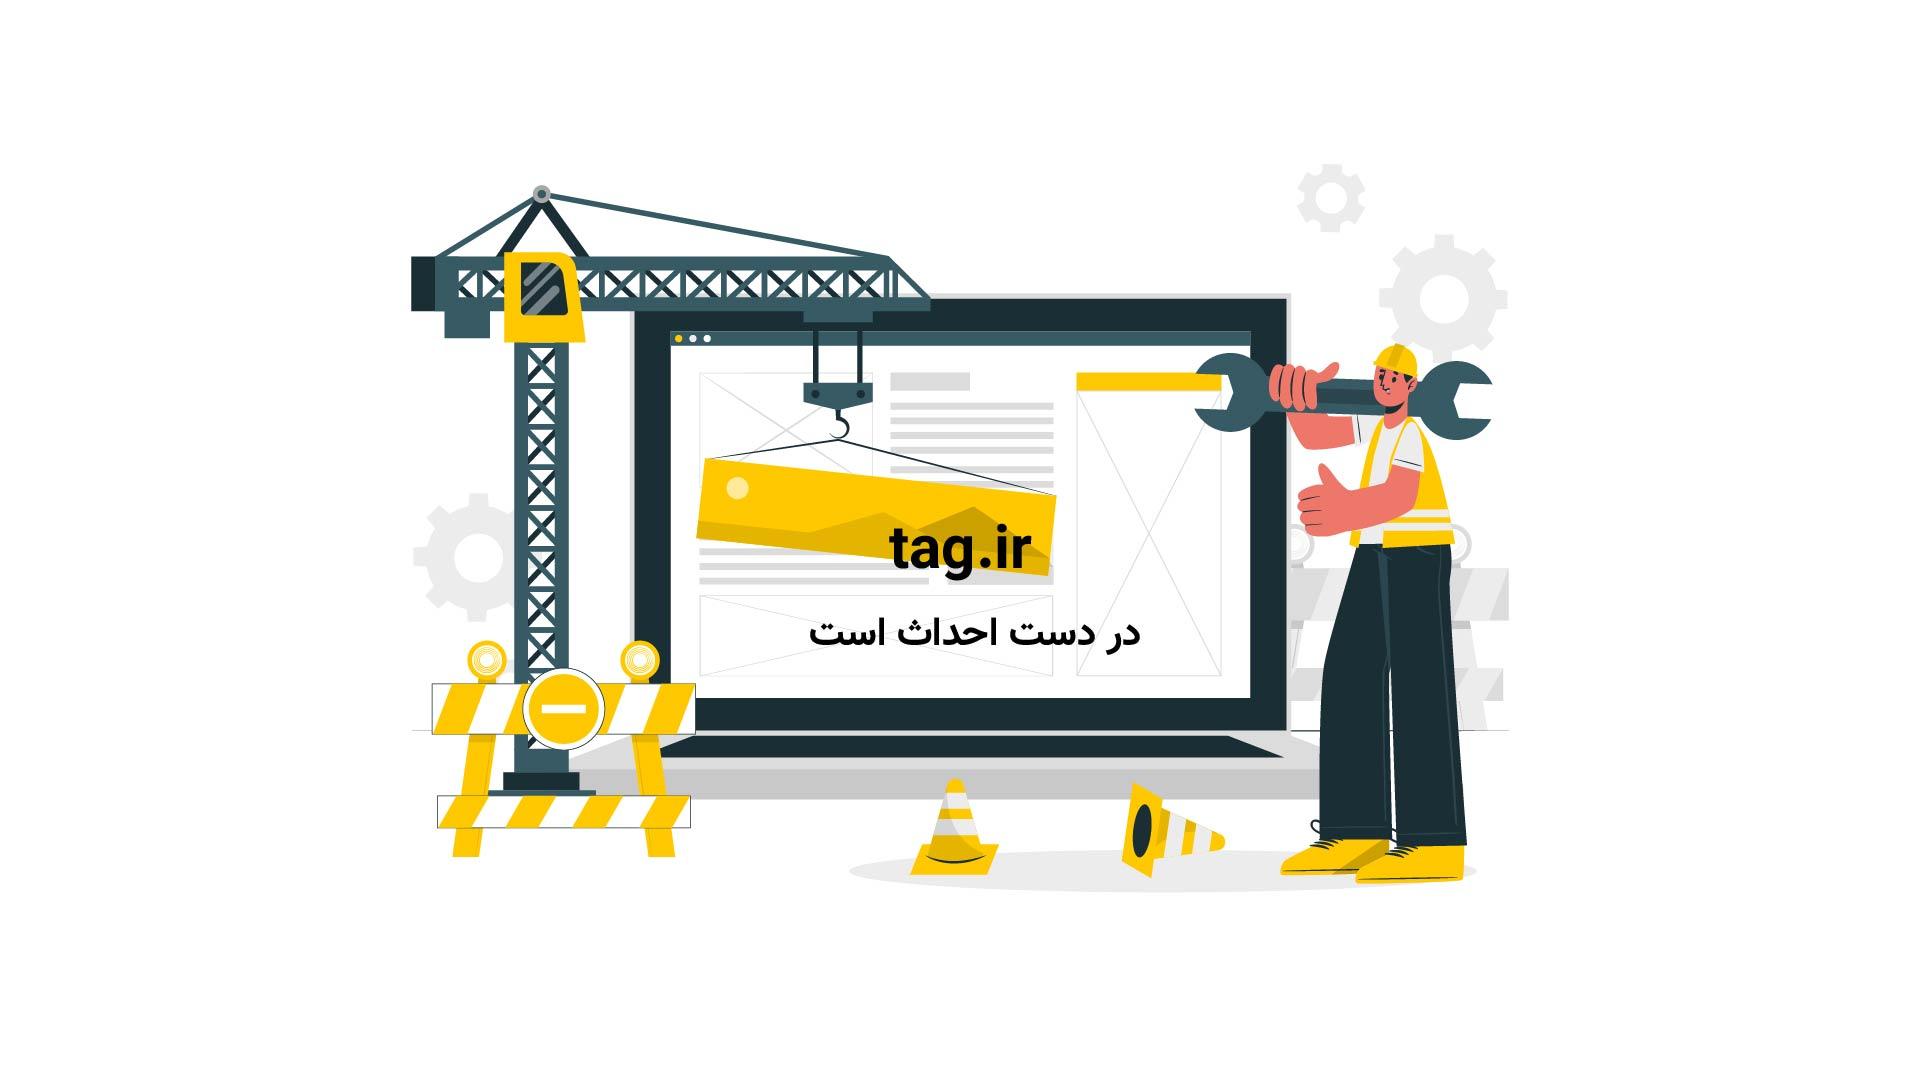 آسیب های شبکه های اجتماعی و فضای مجازی قابل کنترل نیست؟